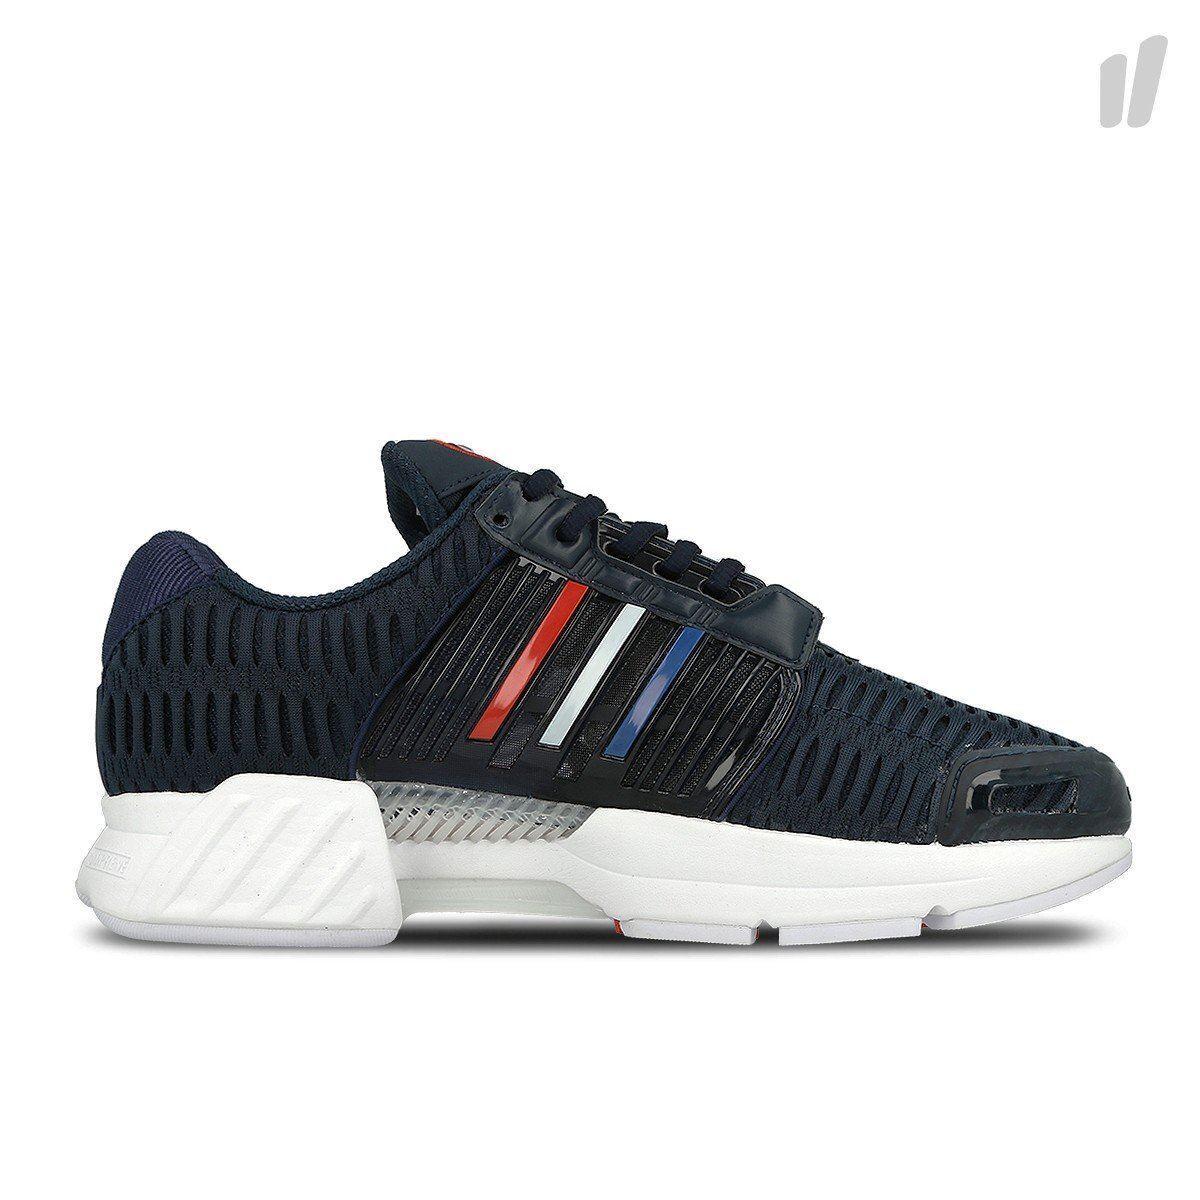 Adidas Original Klima Herren Cool Retro Turnschuhe Herren Klima Marineblau Laufschuhe ad58e2